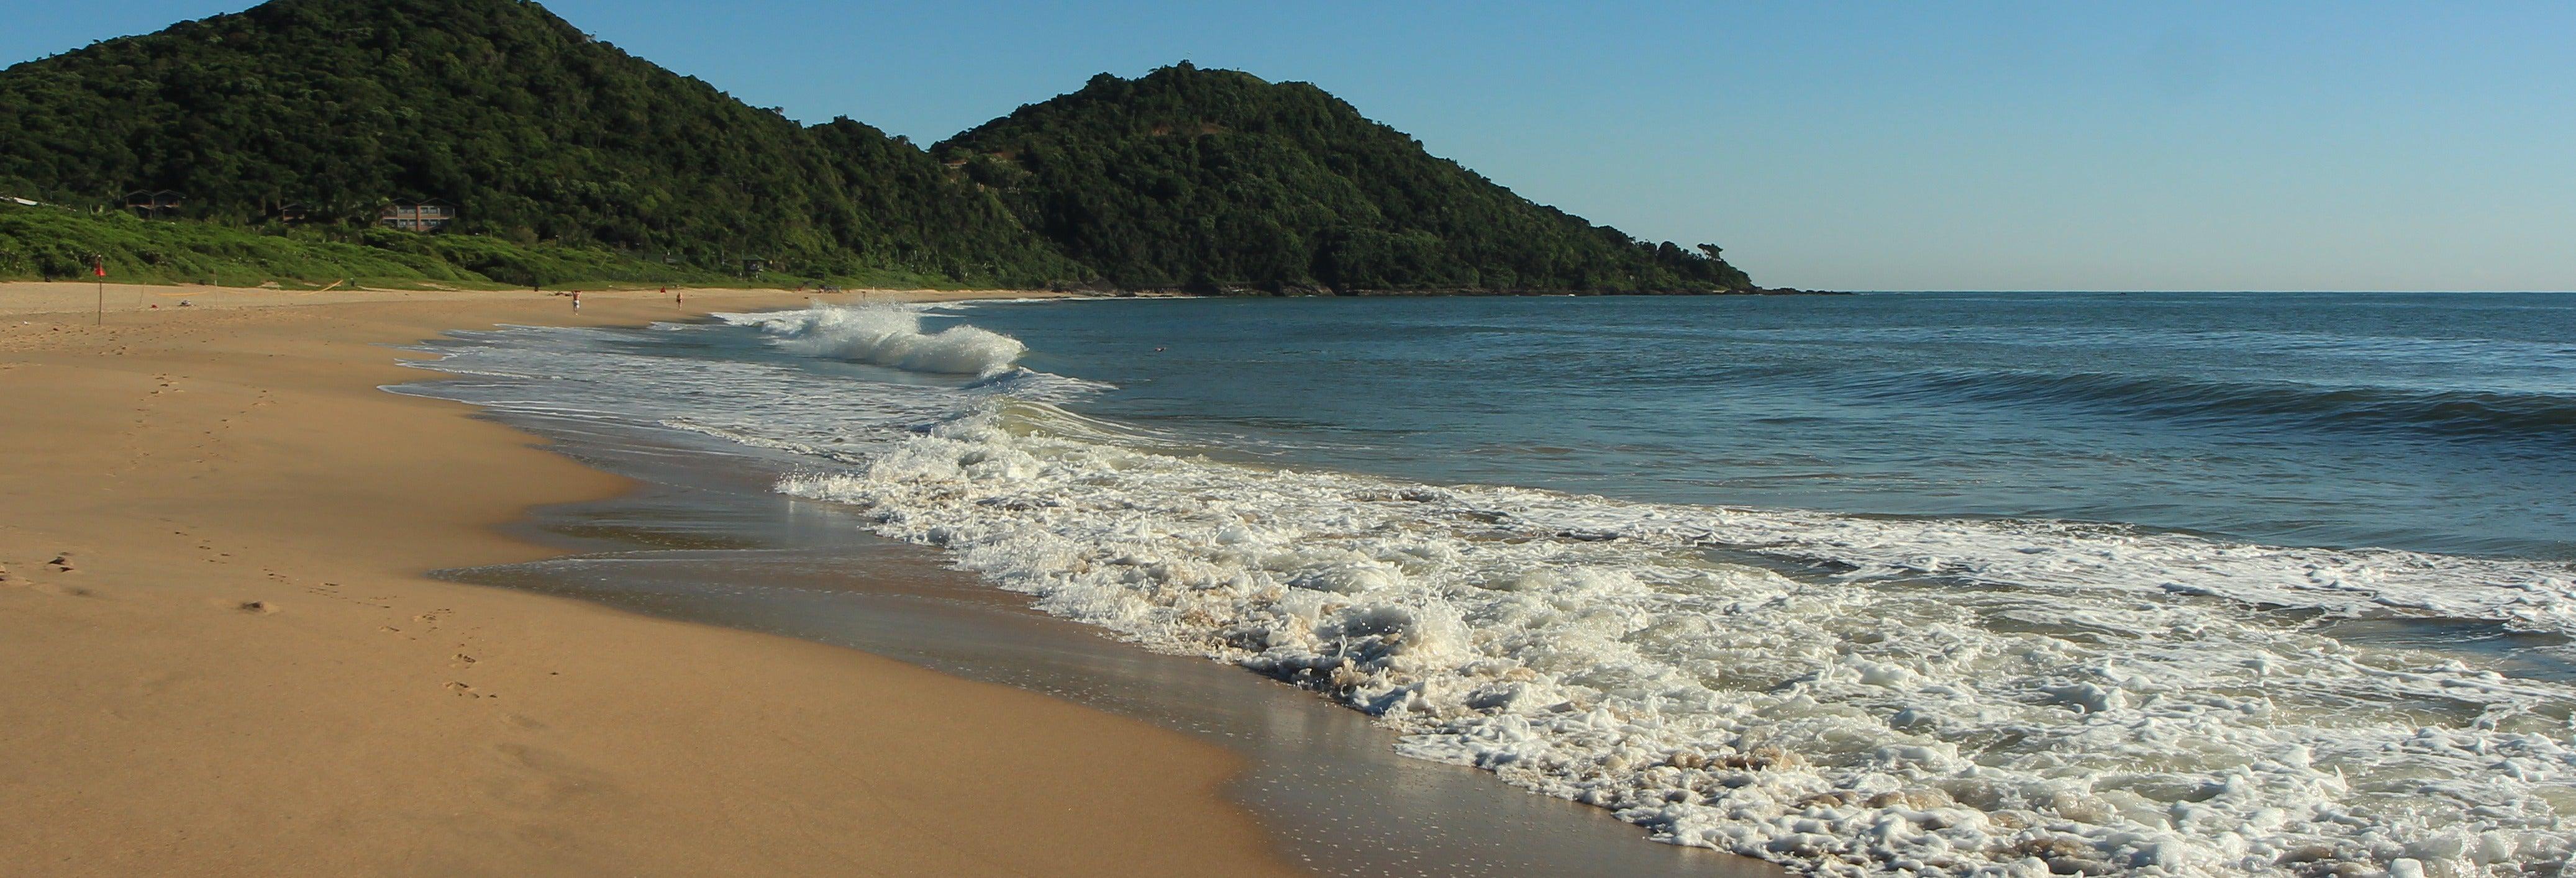 Excursión privada desde Florianópolis